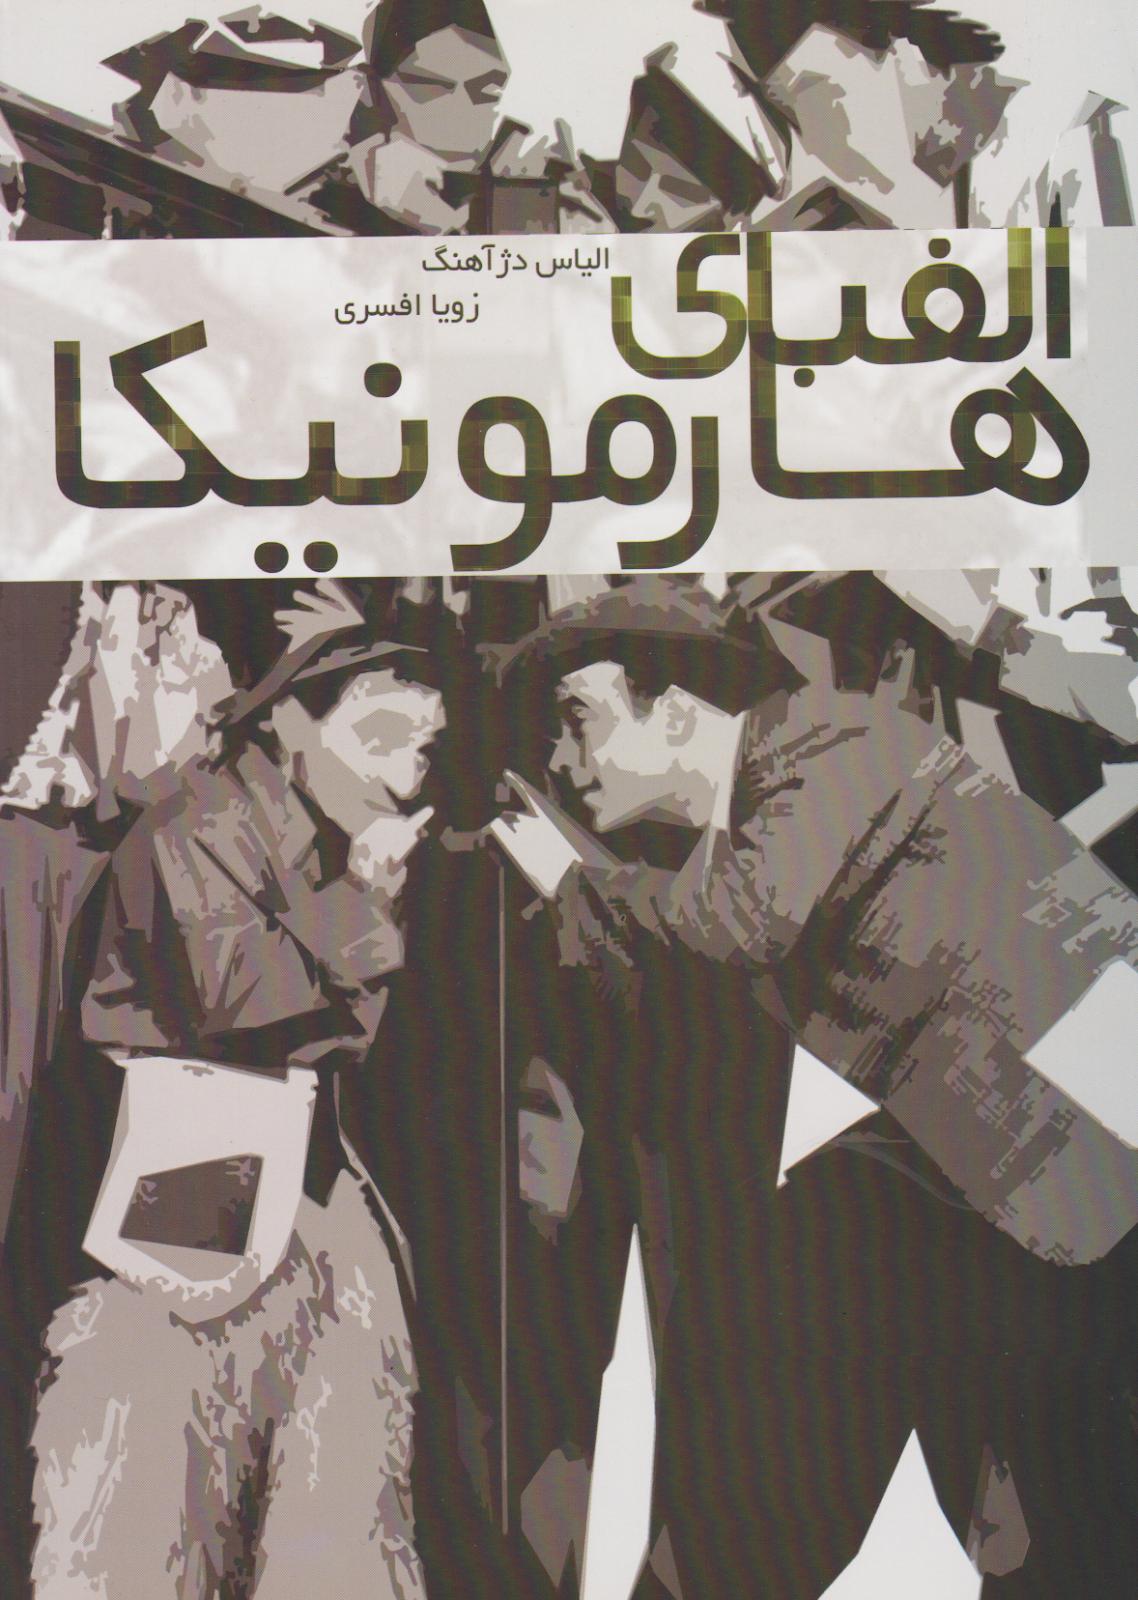 کتاب الفبای هارمونیکا الیاس دژآهنگ زویا افسری انتشارات نارون